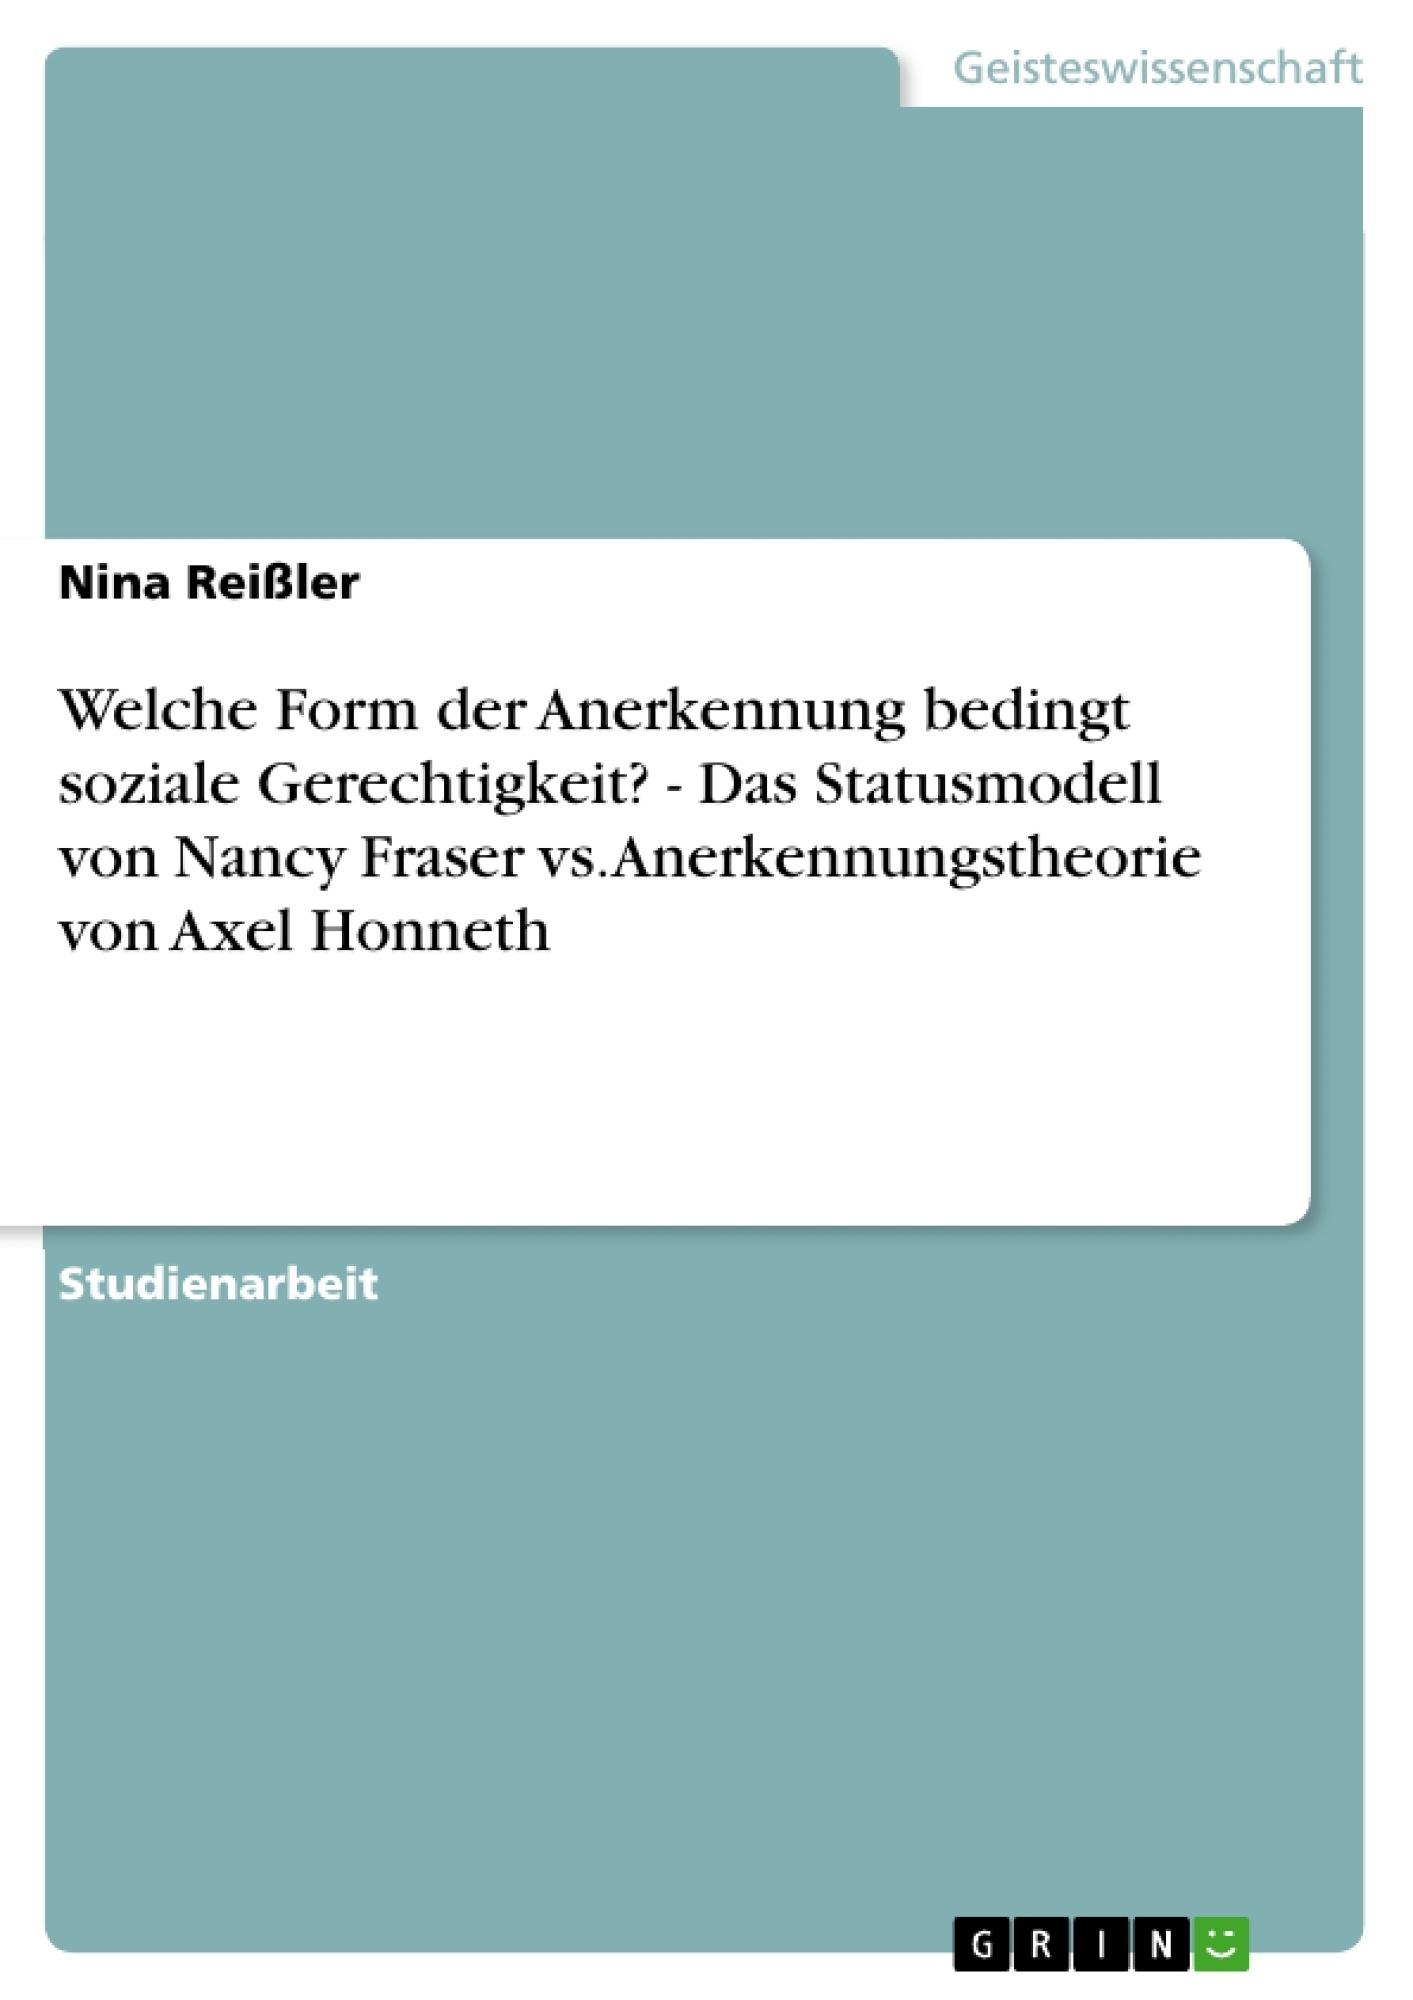 Titel: Welche Form der Anerkennung bedingt soziale Gerechtigkeit?  -  Das Statusmodell von Nancy Fraser vs. Anerkennungstheorie von Axel Honneth